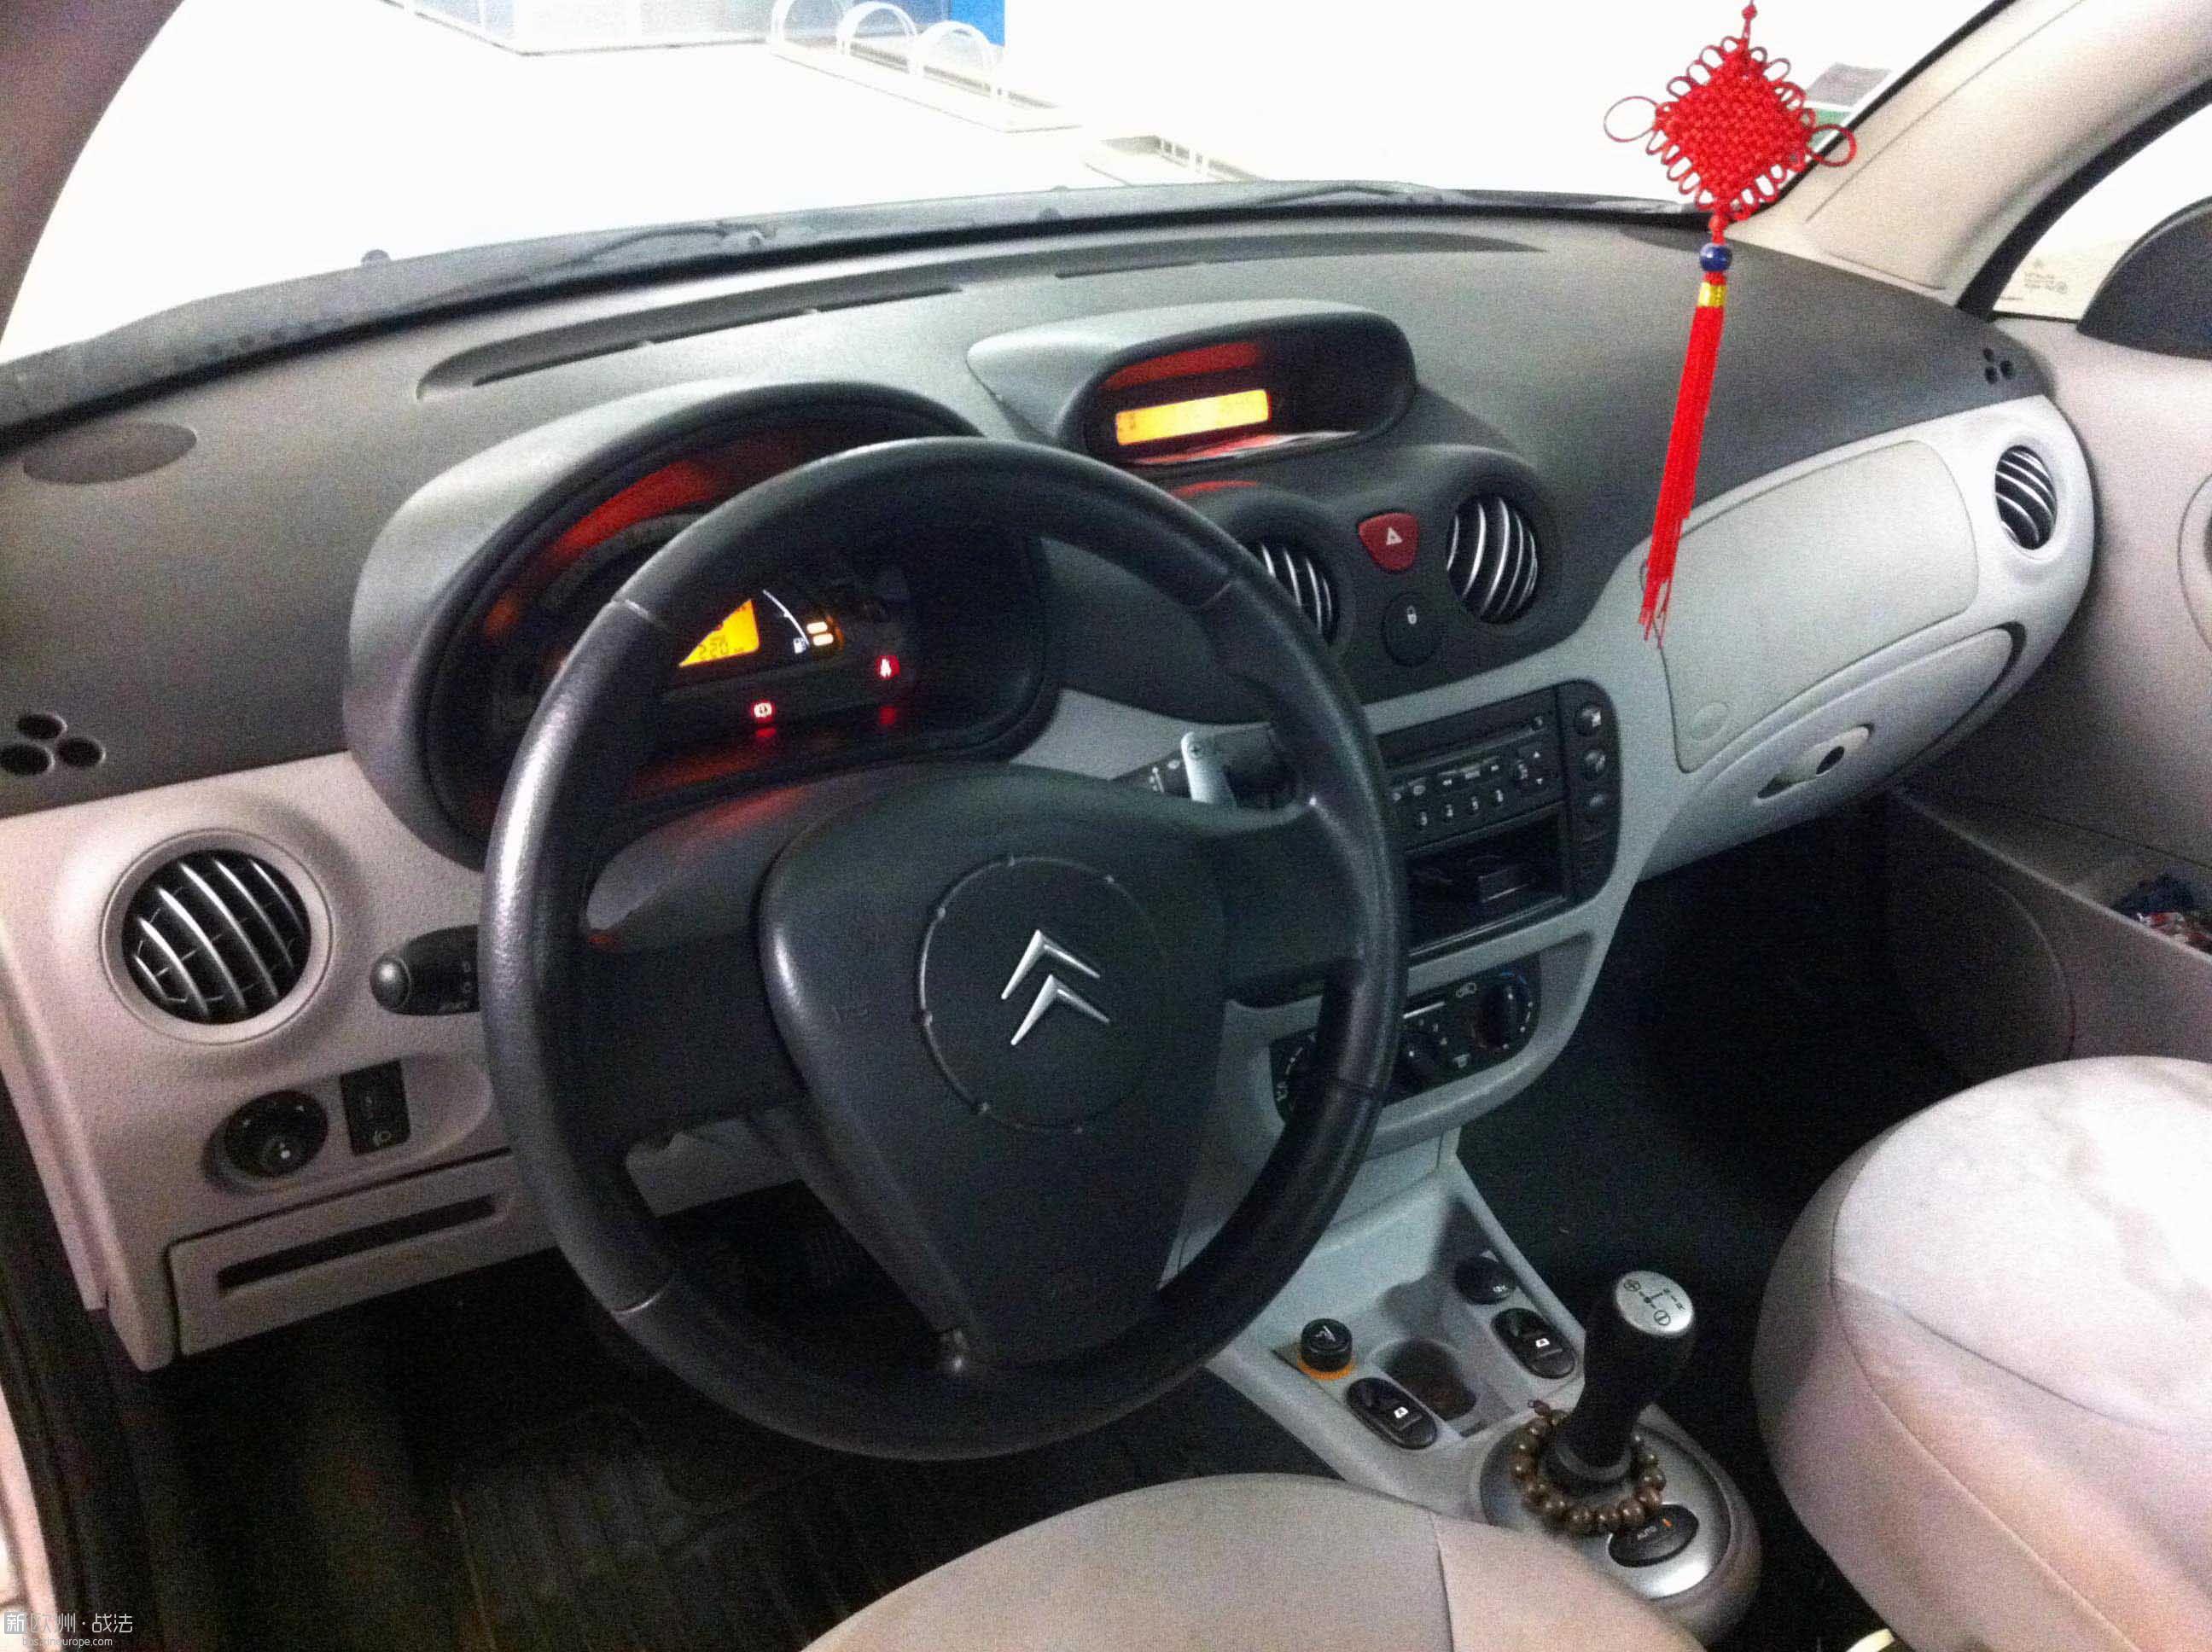 小车驾驶室功能图解 小车驾驶室按钮图解 小车驾驶室结构图解